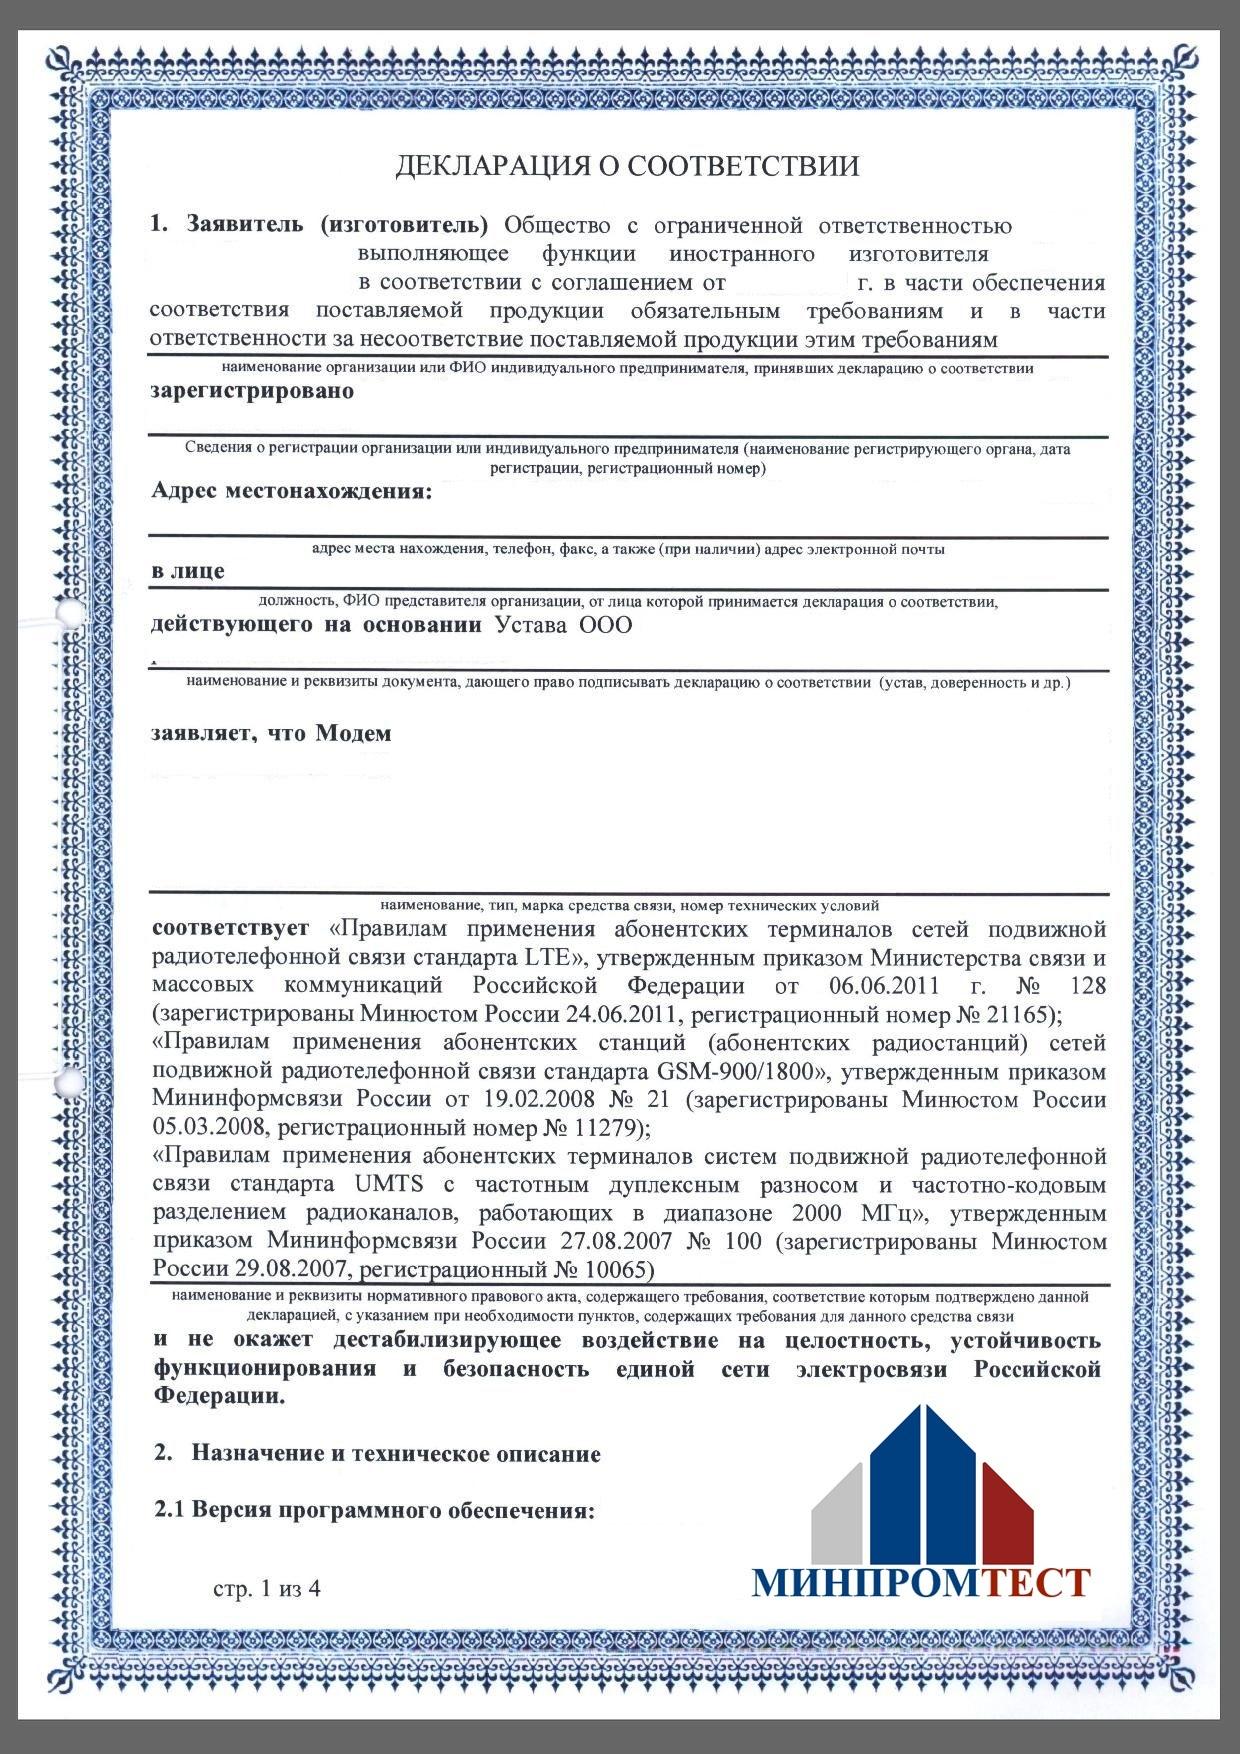 Сертификация электрозащитных средств сертификация оборудования парфюмерные магазины